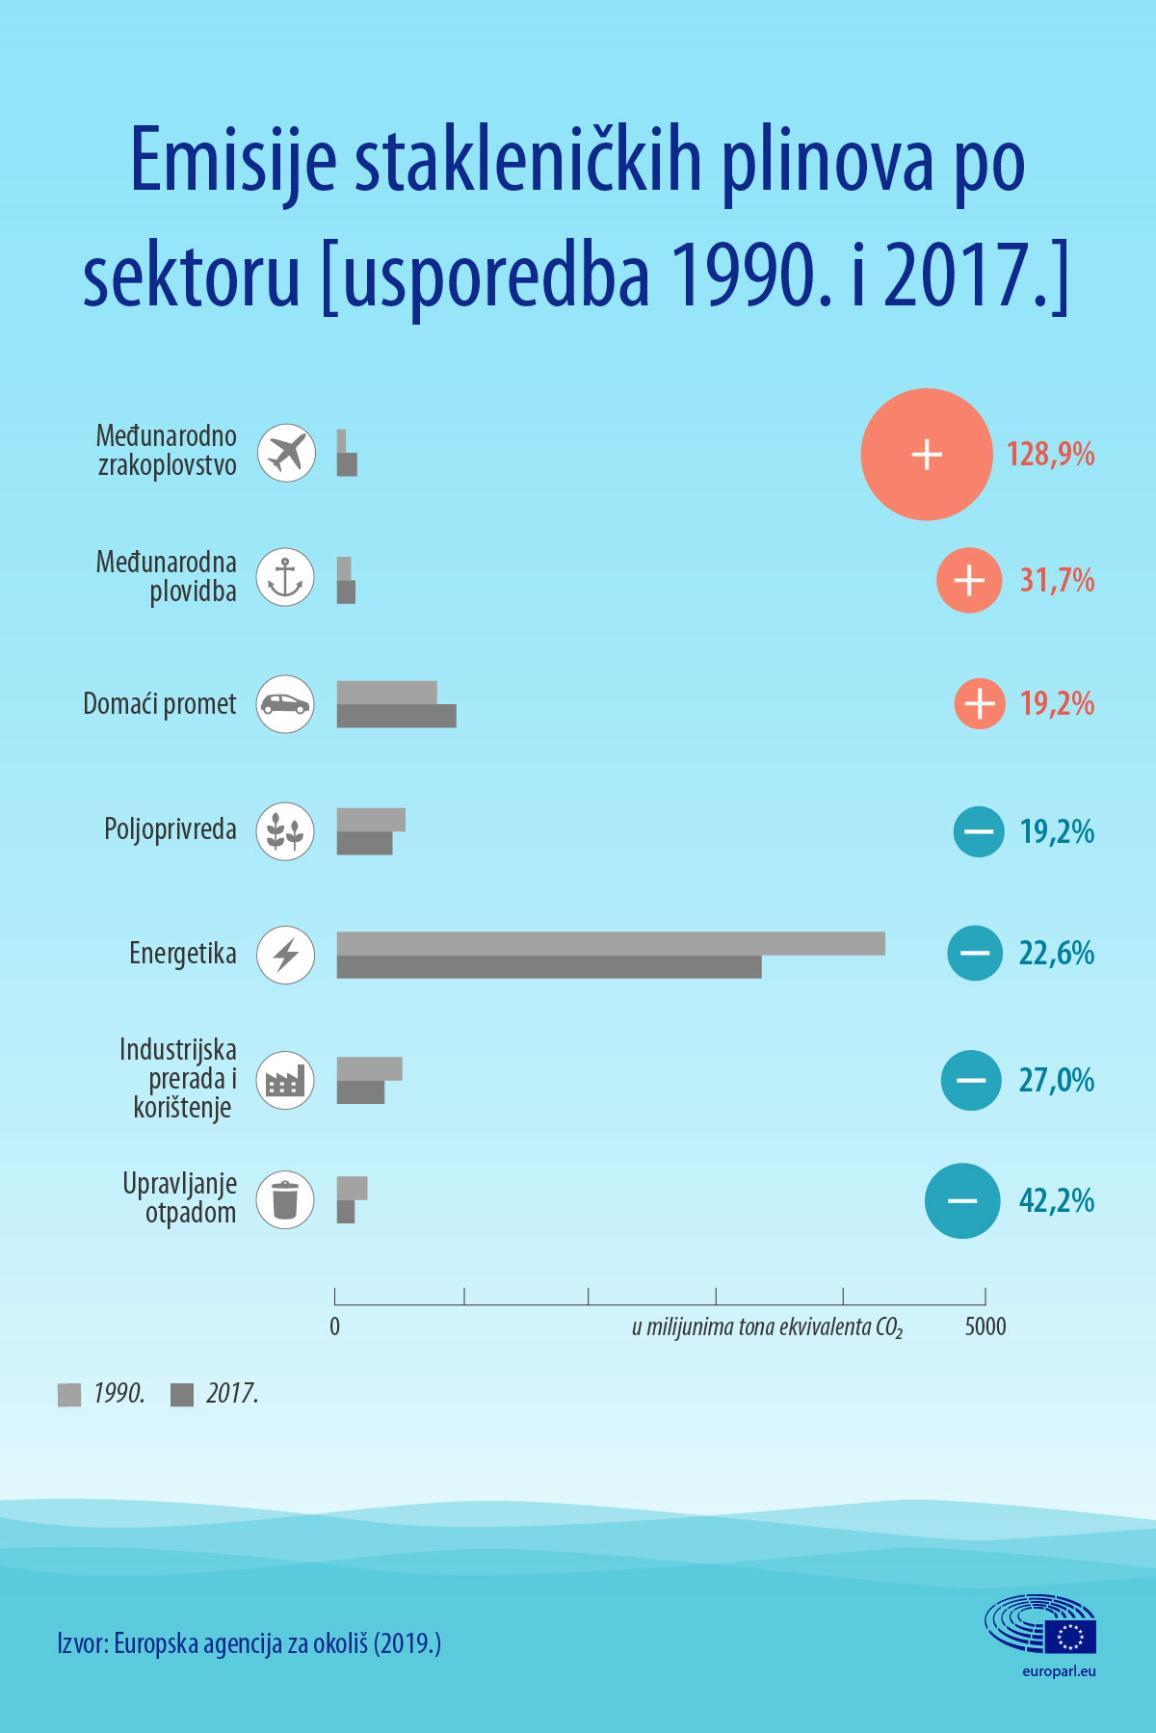 Infografika: Emisije stakleničkih plinova po sektoru